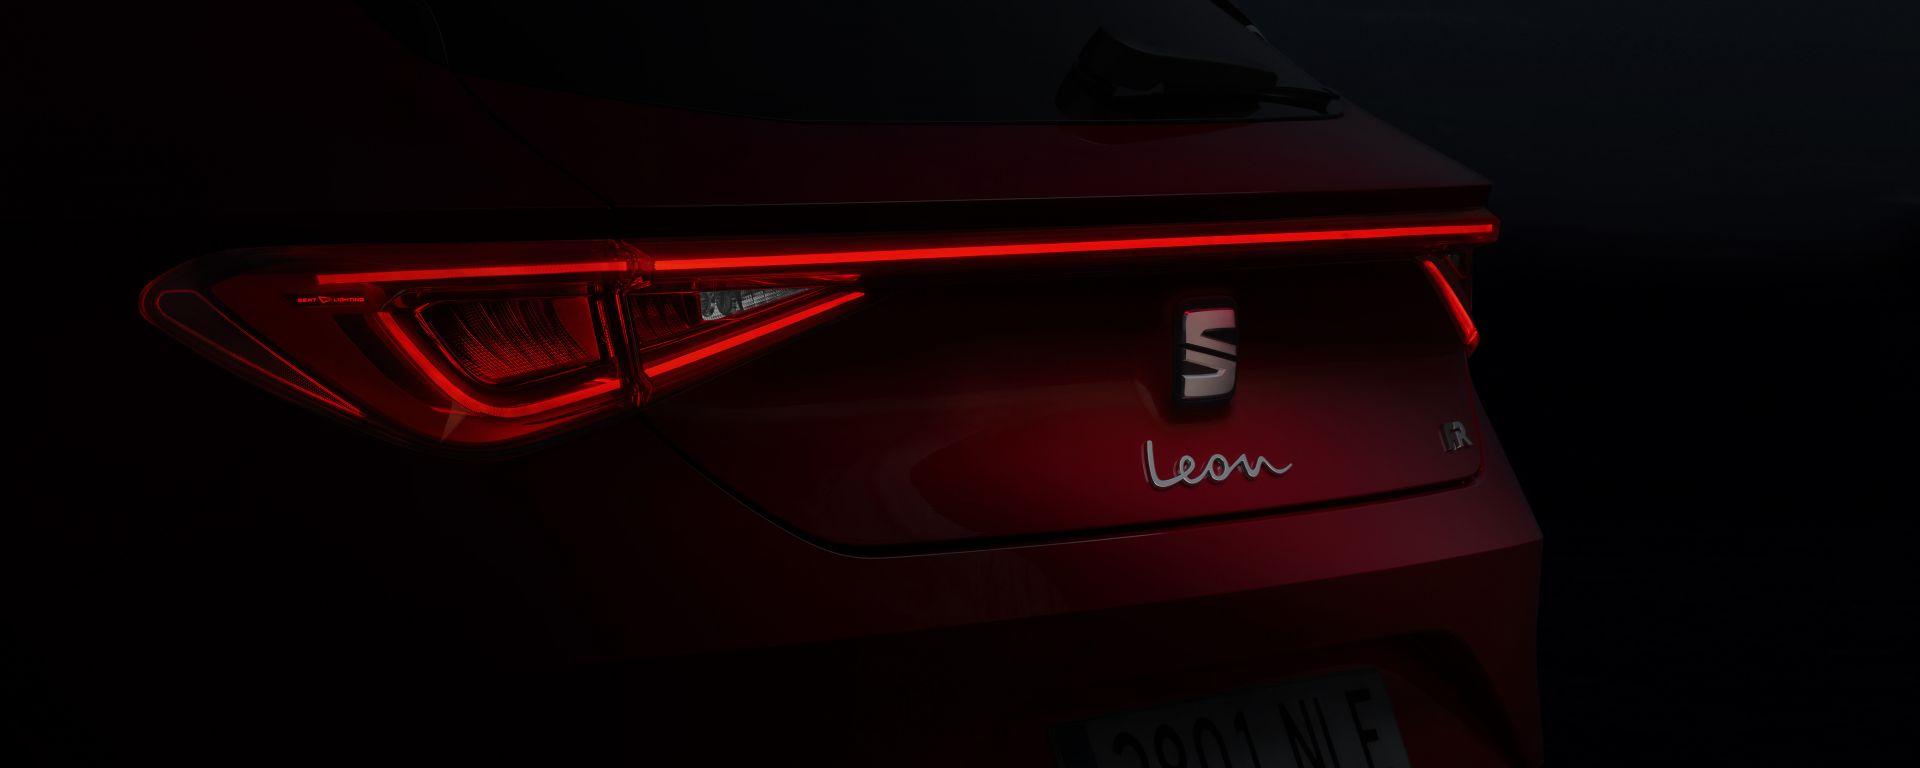 Nuova Seat Leon, il teaser del posteriore